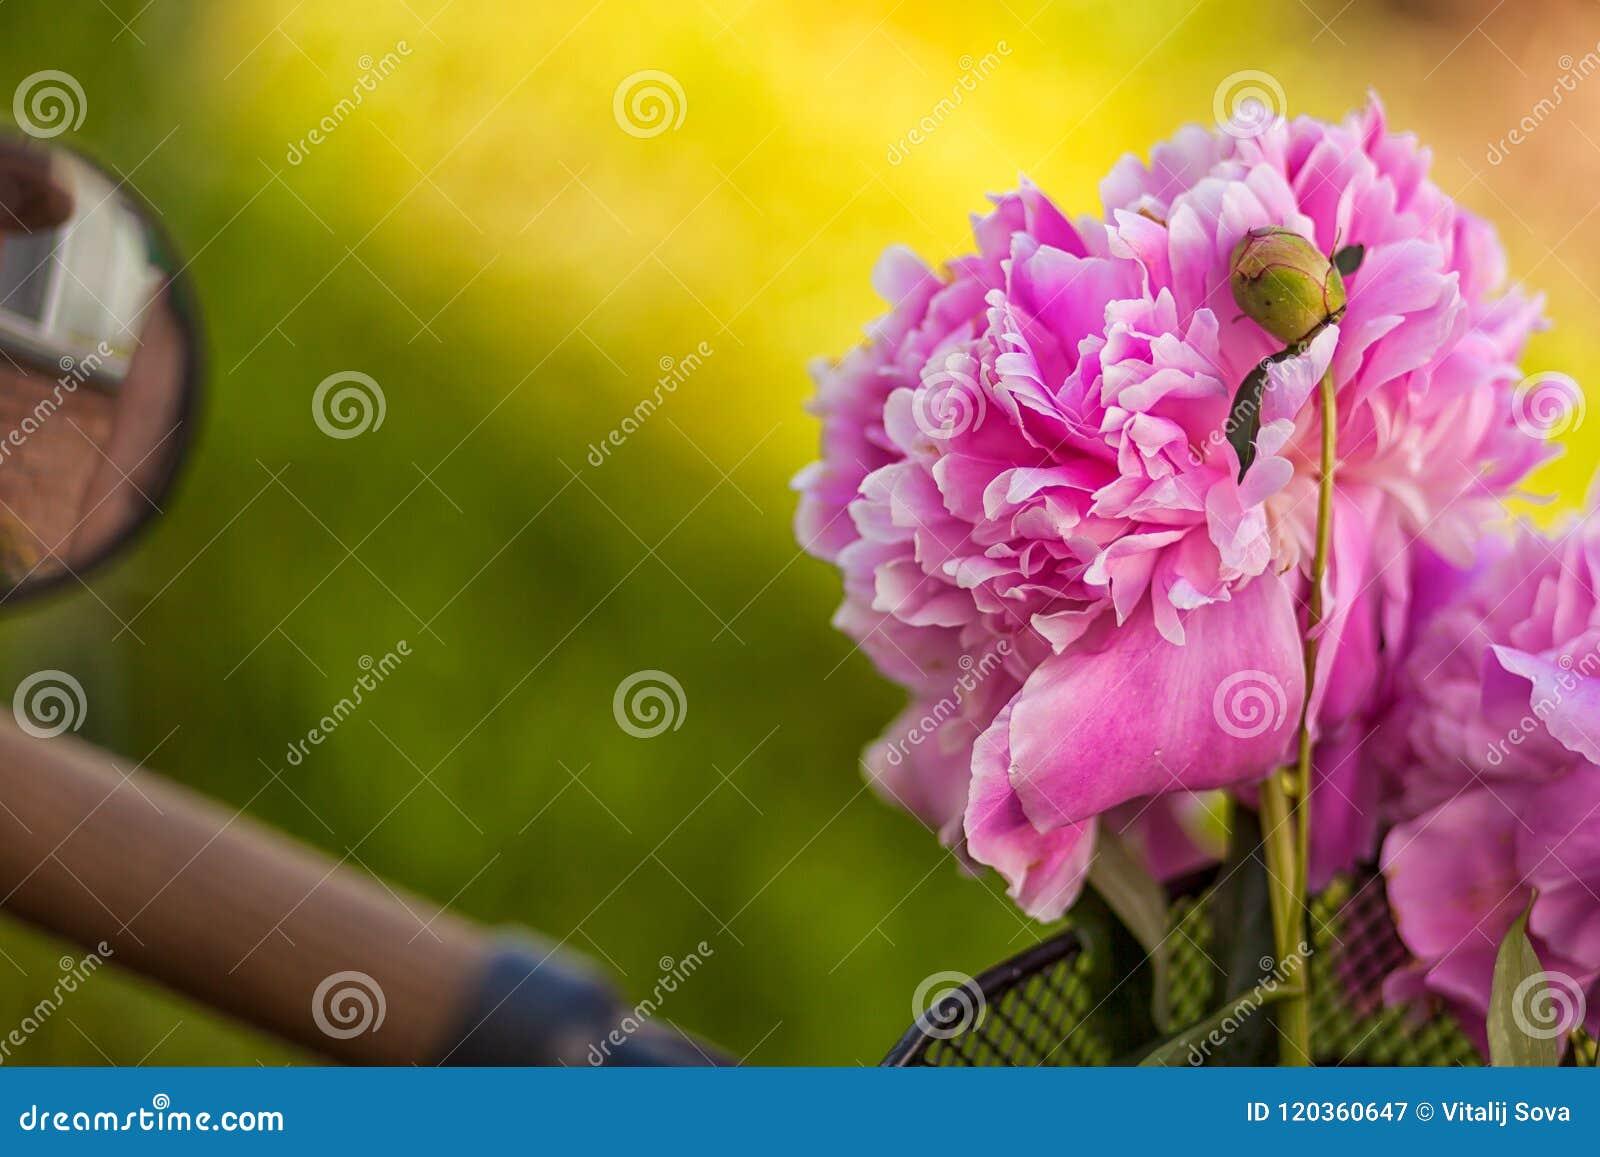 Zakończenie piękny świeży bukiet różowe peonie